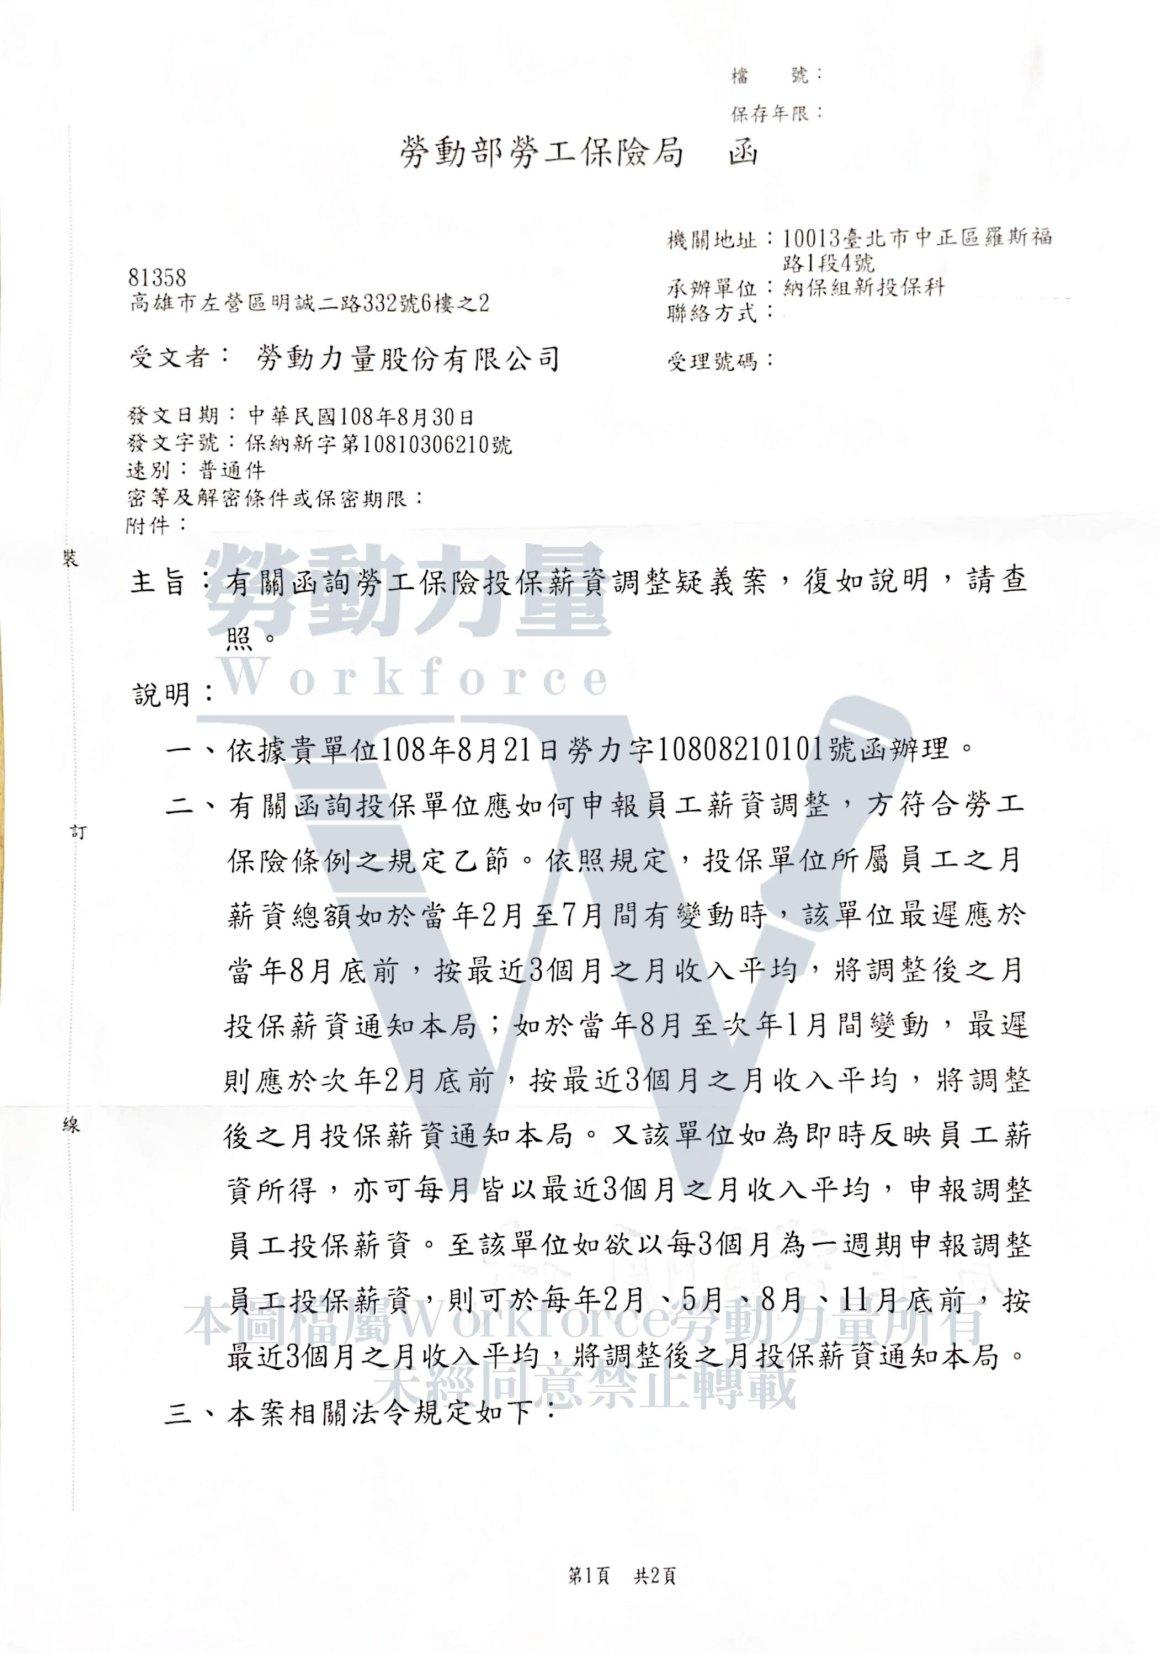 1080830勞保局保納新字第10810306210號函